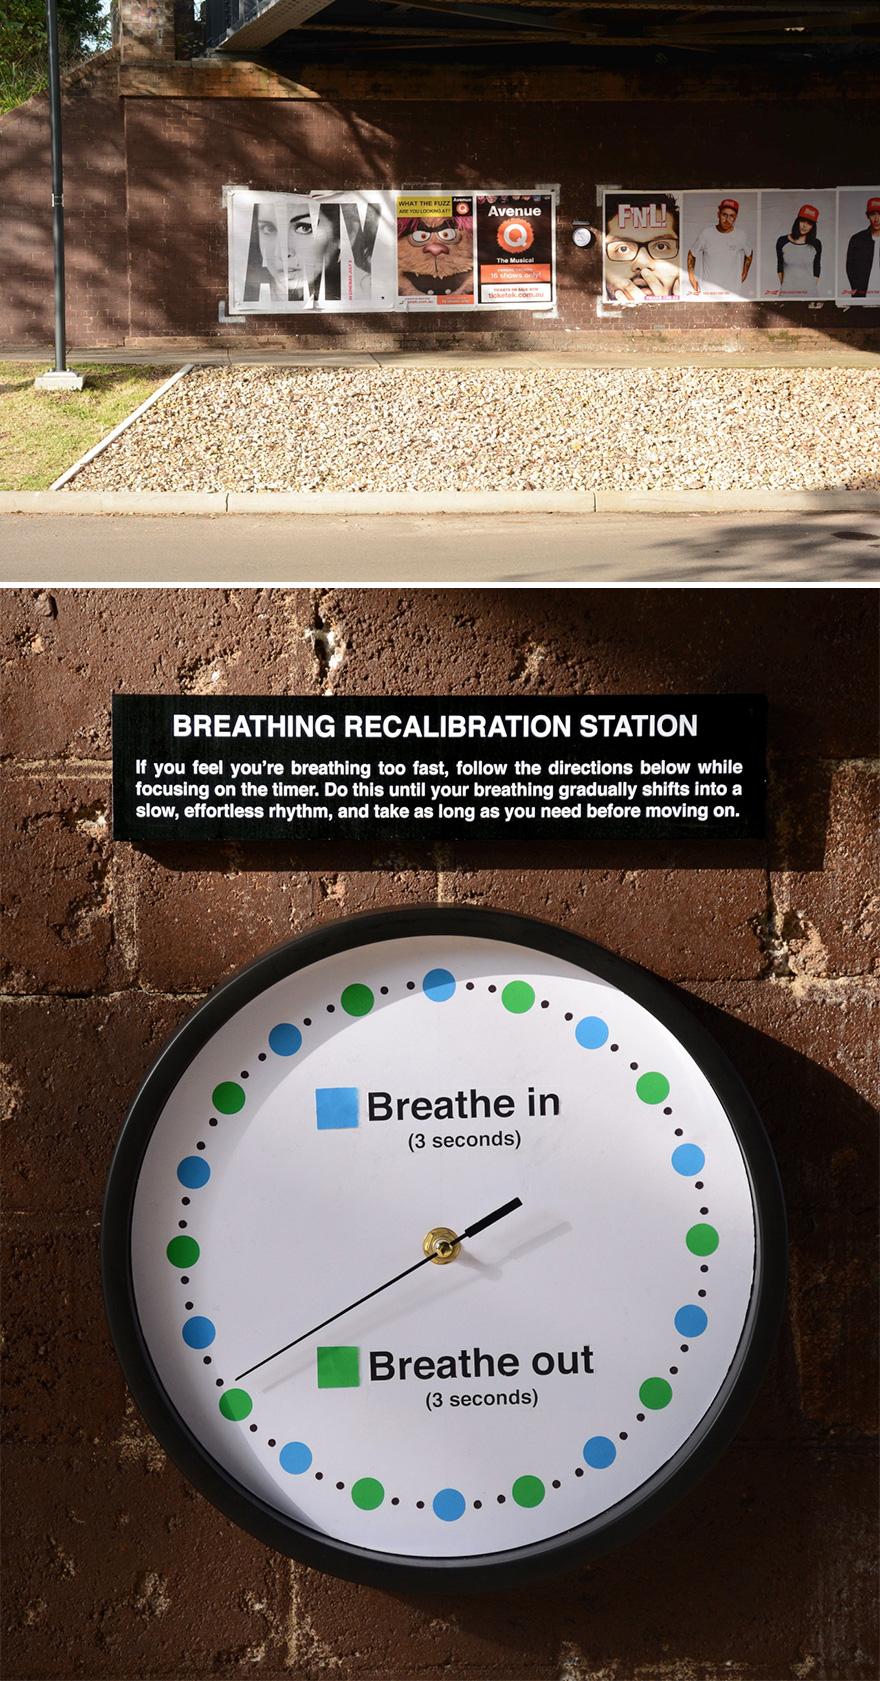 Breathing Recalibration Station